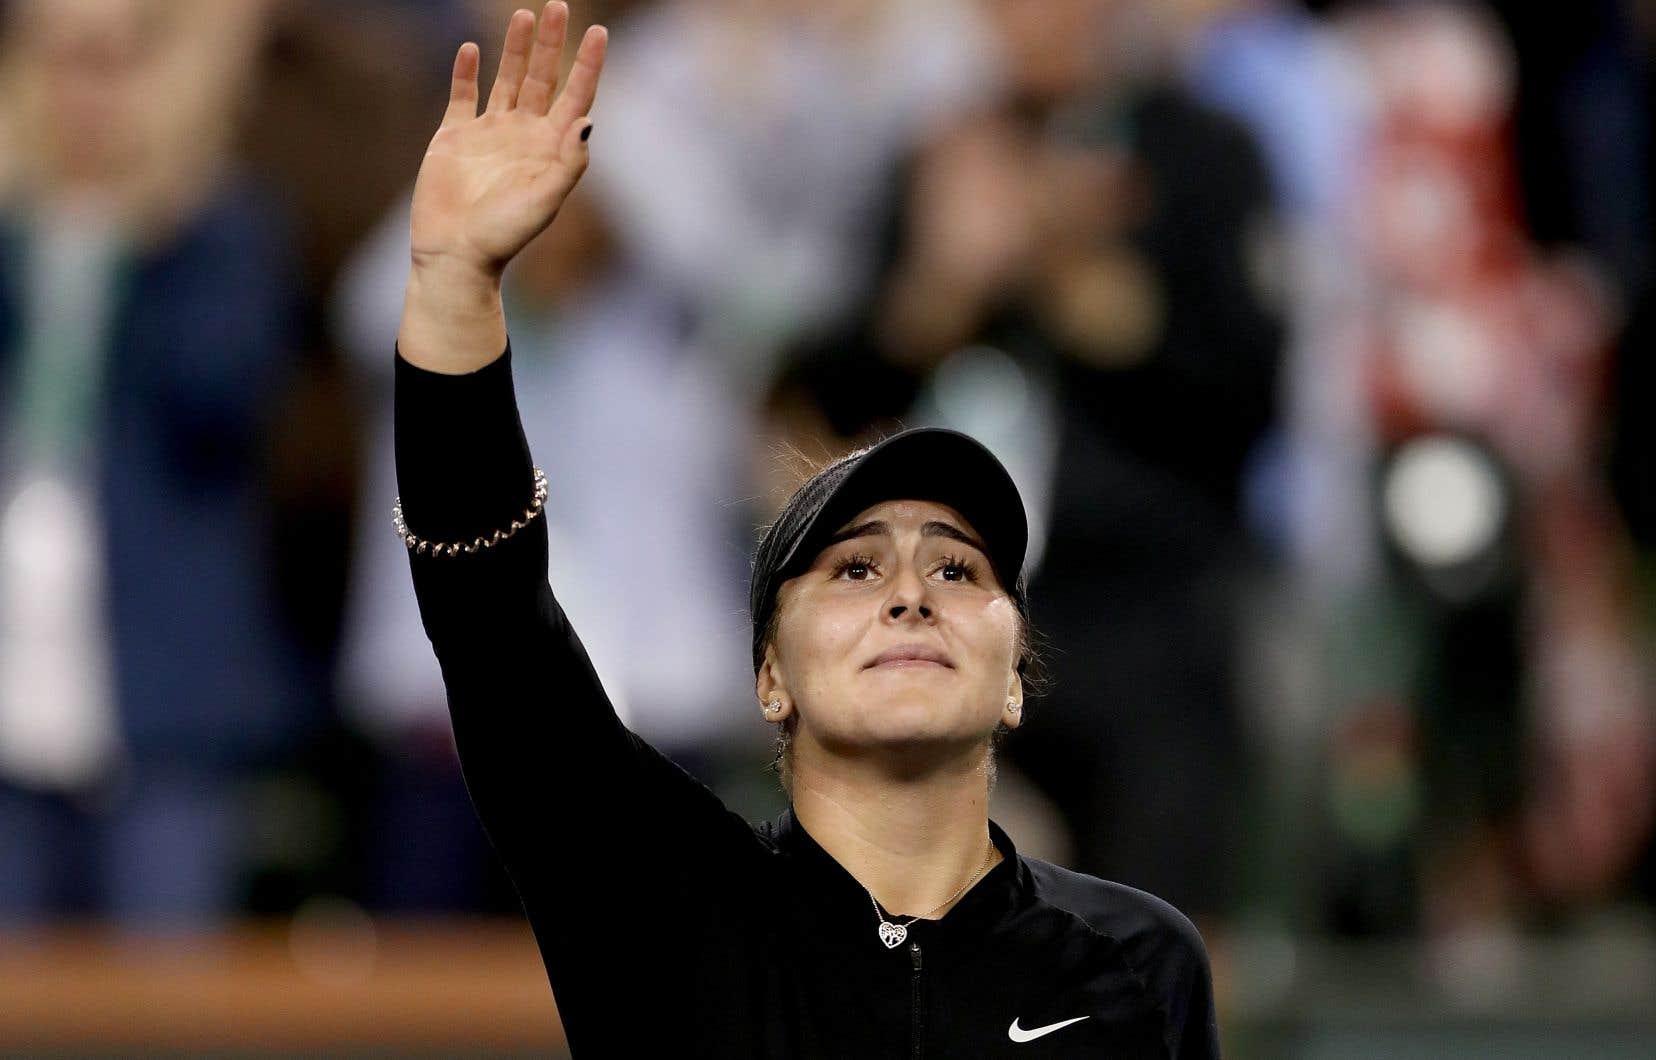 À 18 ans seulement, Bianca Andreescu en a épaté plus d'un depuis le début de l'année, passant du 152e au 60e rang mondial depuis janvier.